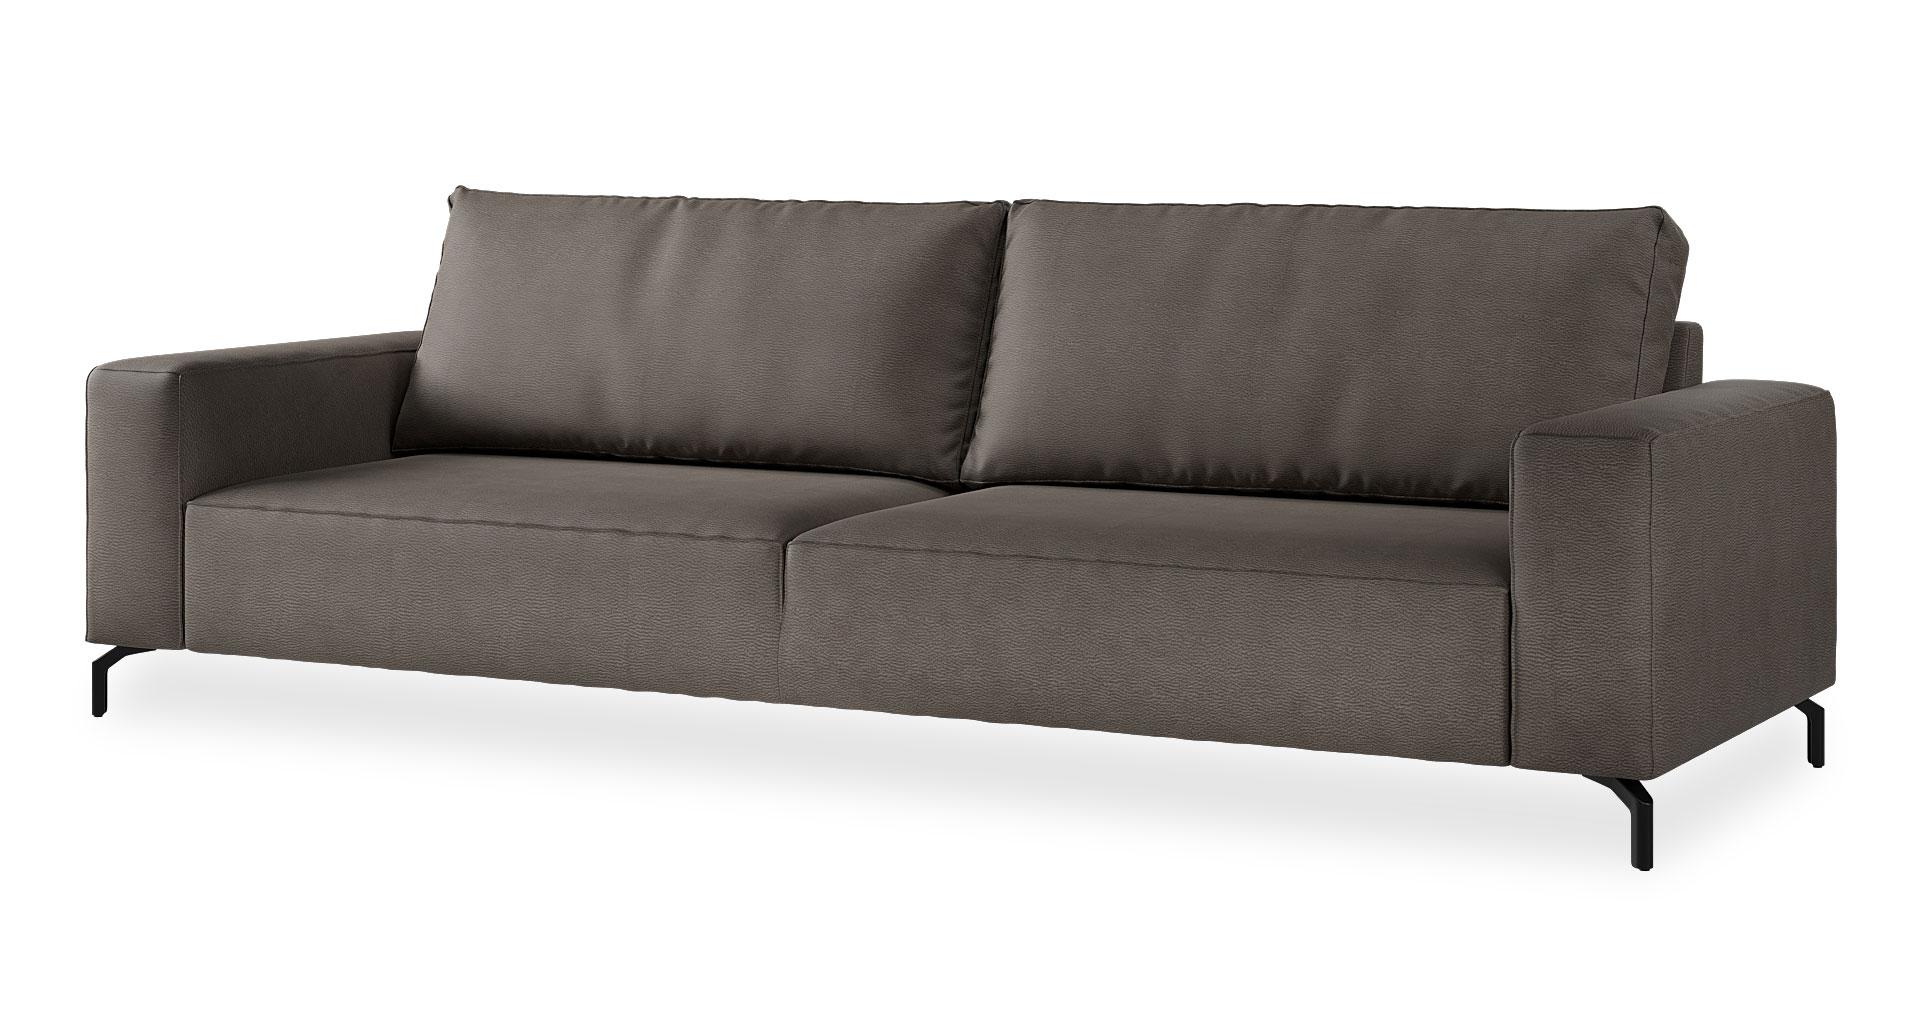 """ספה לנדו 295 ס""""מ בגוון אפור פיתון"""